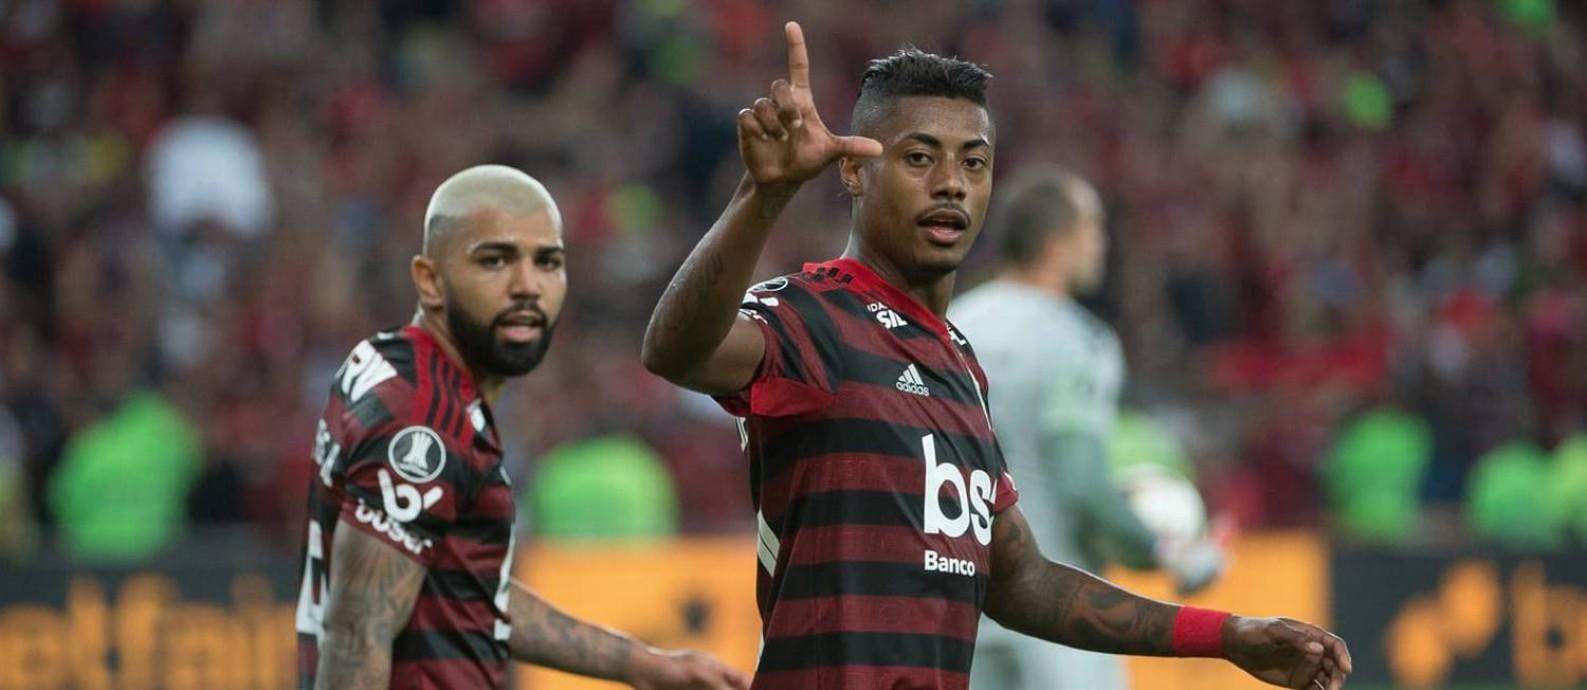 Gabigol e Bruno Henriquem têm se destacado pelo Flamengo Foto: Alexandre Vidal/Flamengo